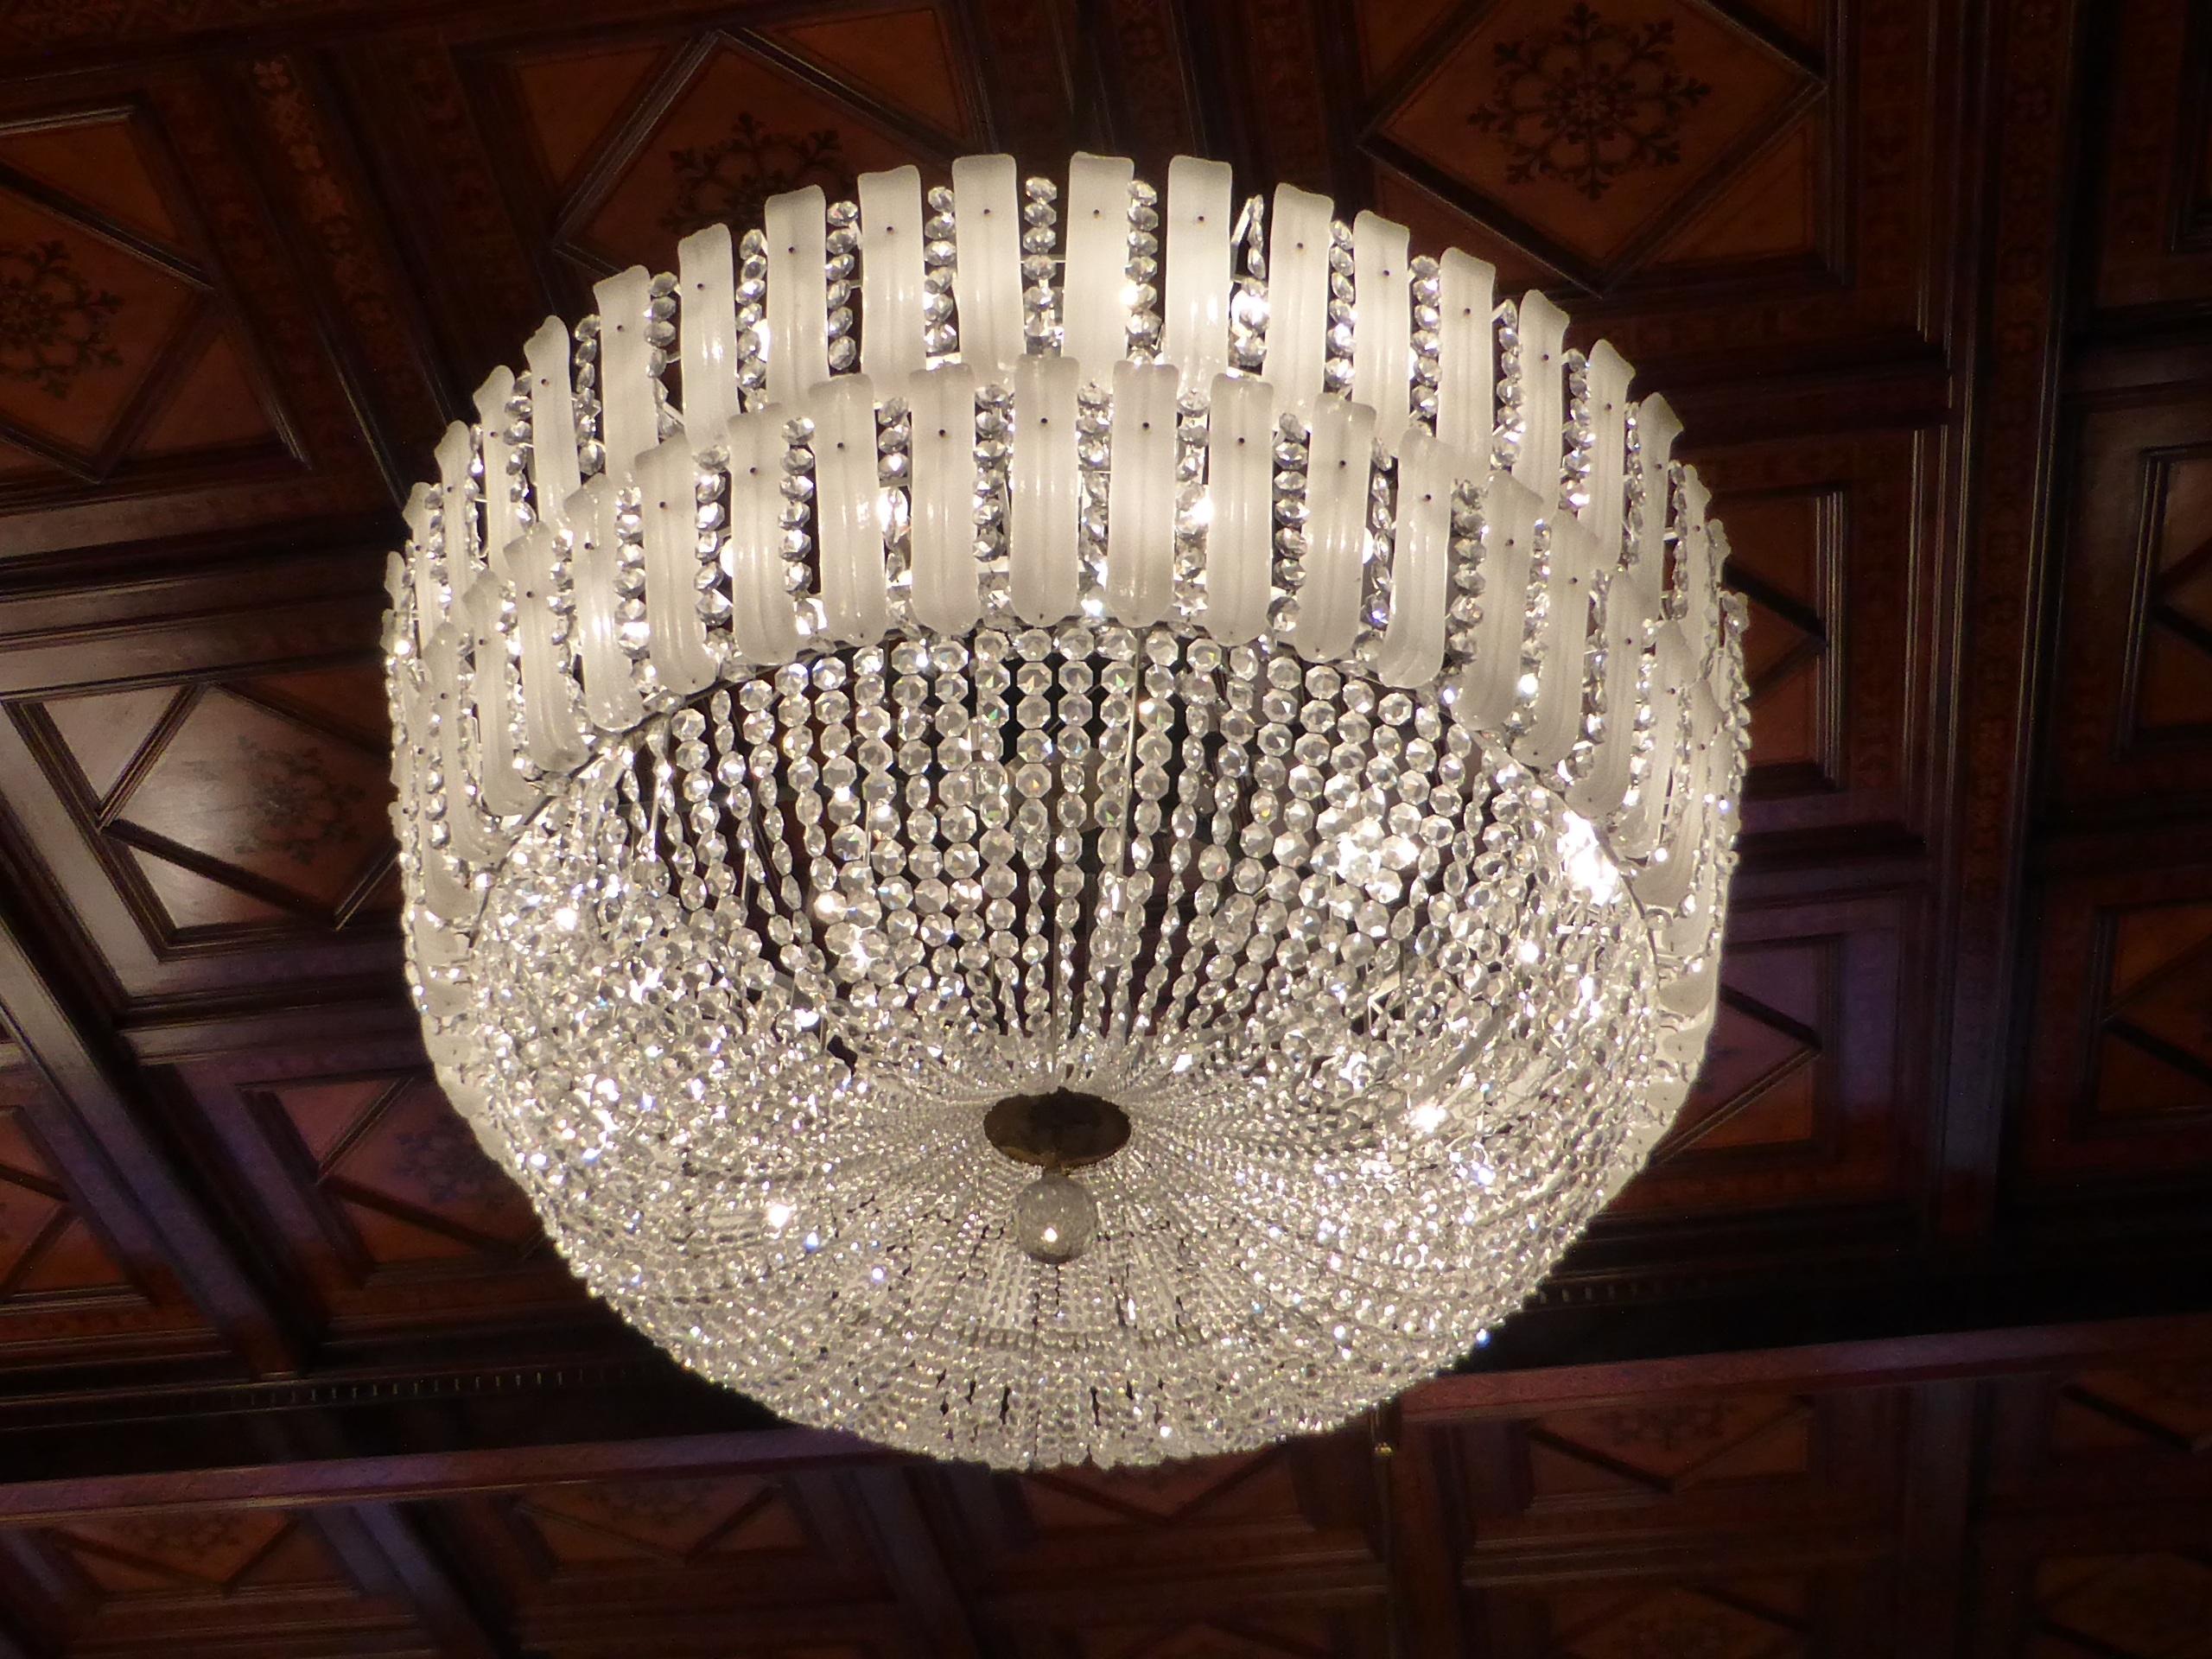 Images Gratuites Plafond Lampe Clairage D Cor L Autriche